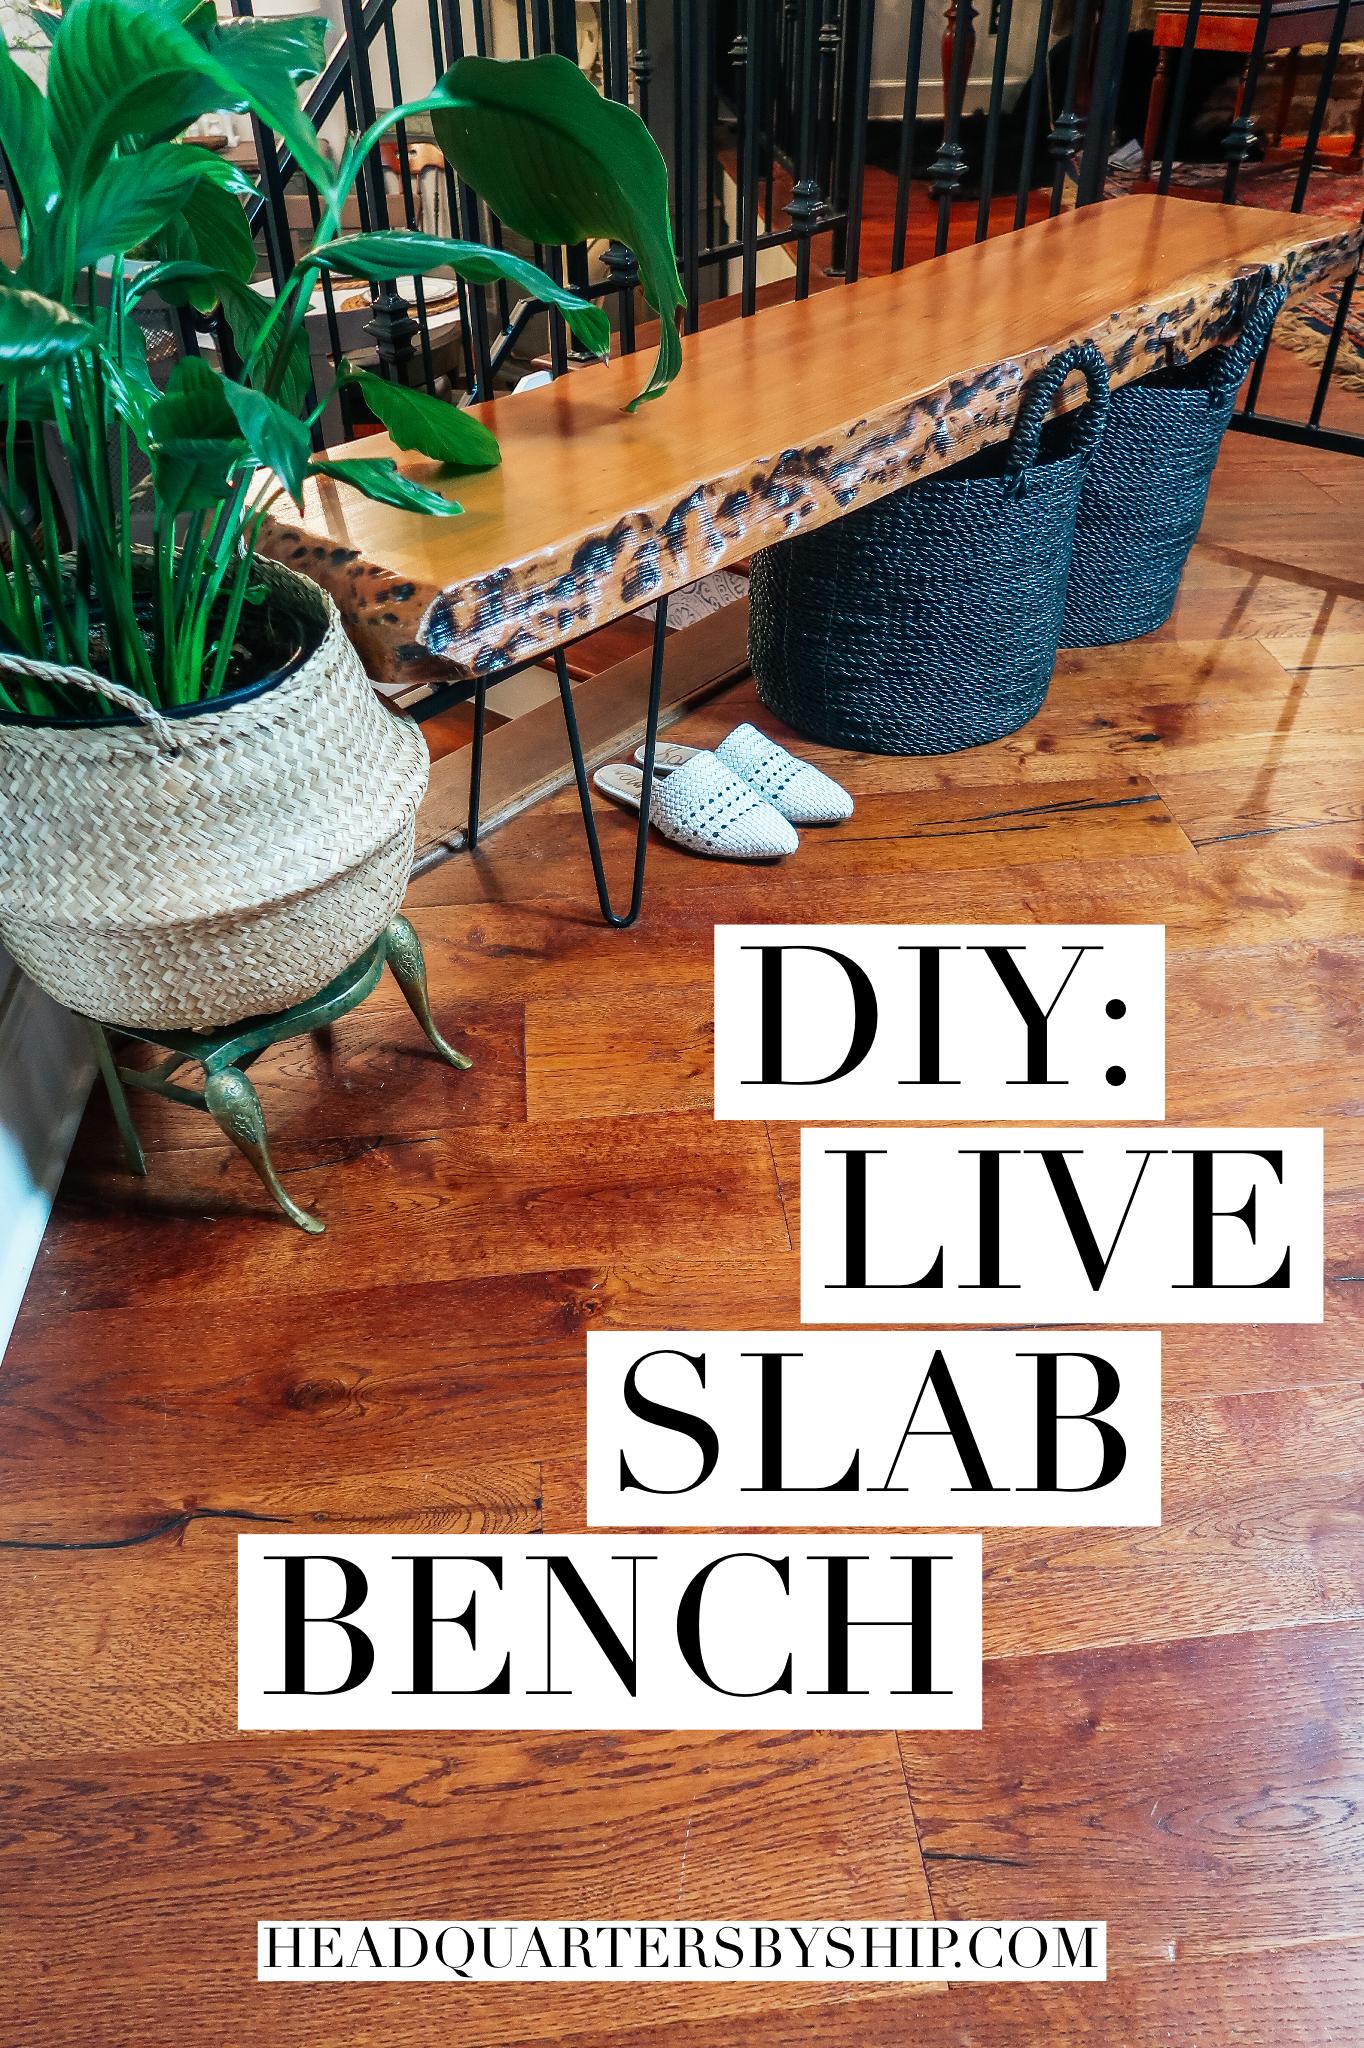 D.I.Y. | Live Slab Bench